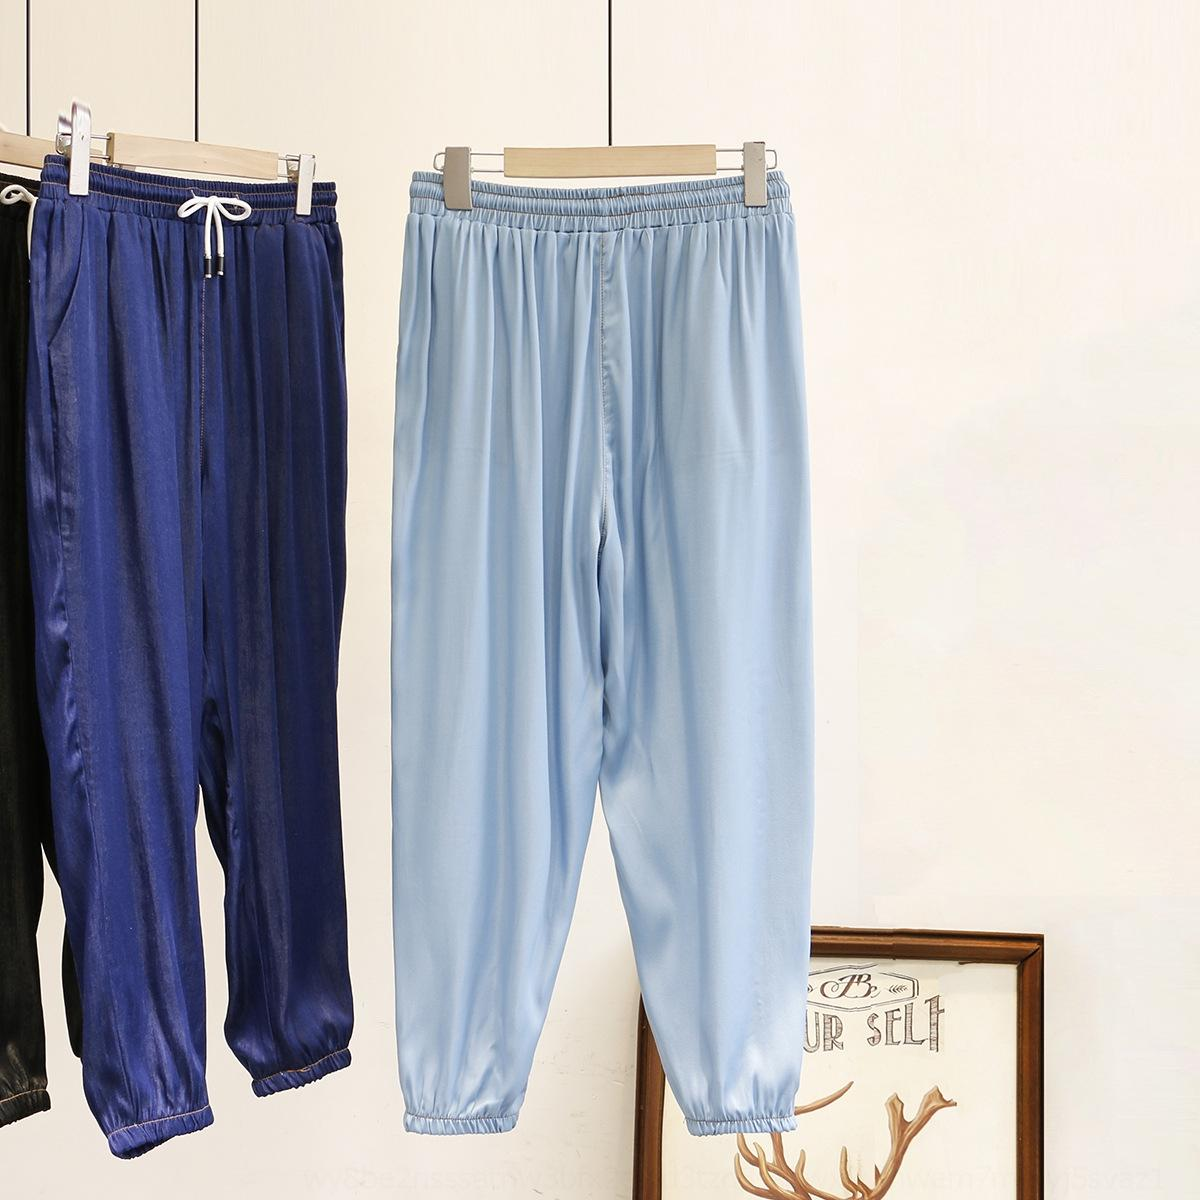 estilo BqjFH vysFL 200 kg coreana 2020 Verão gordura verão coreano moda MM emagrecimento brilhante rosto Ice Silk denim harém calças mais fas tamanho das mulheres